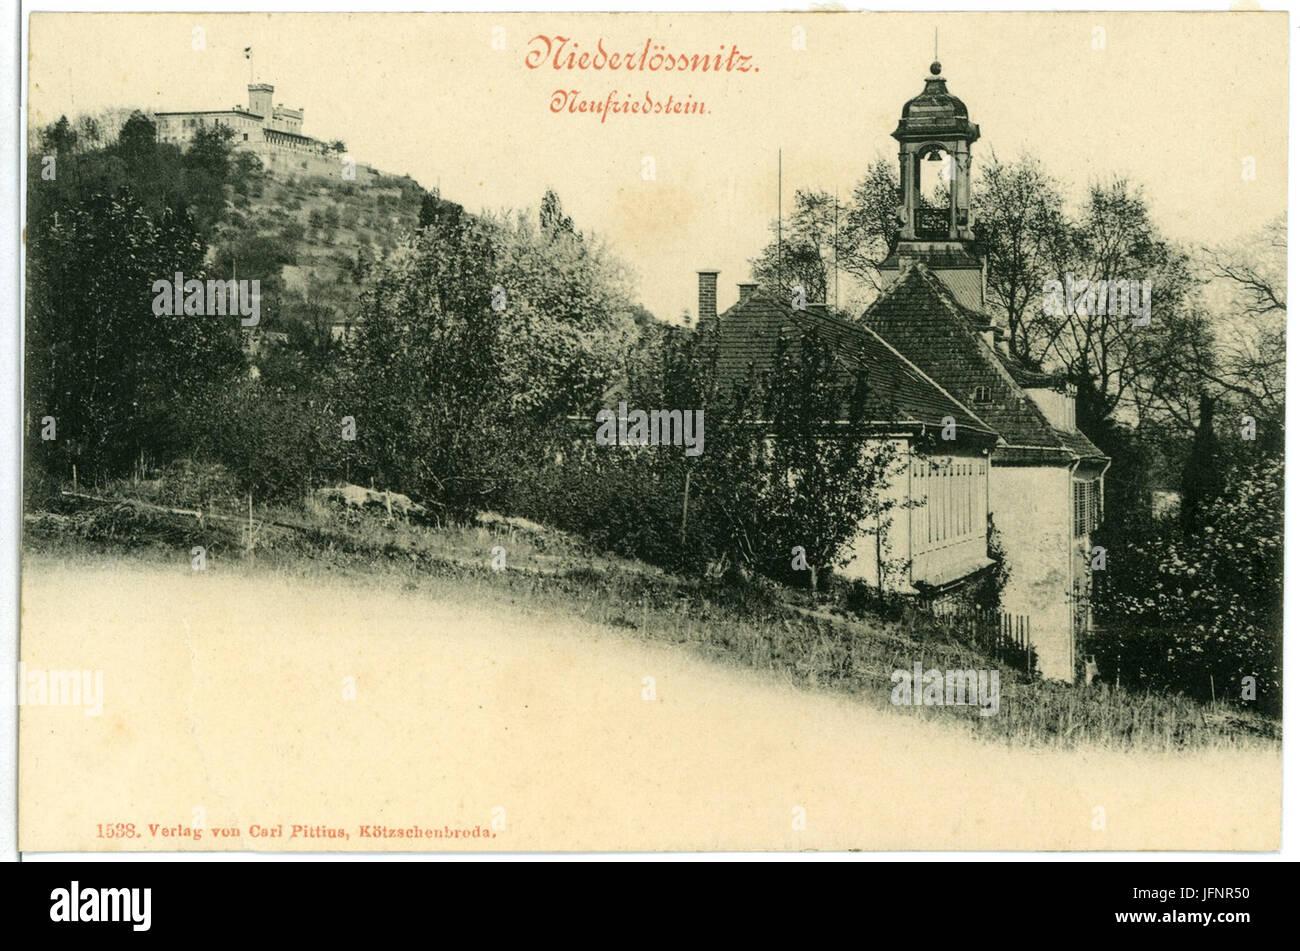 01538-Niederlößnitz-1901-Neufriedstein-Brück & Sohn Kunstverlag Stock Photo